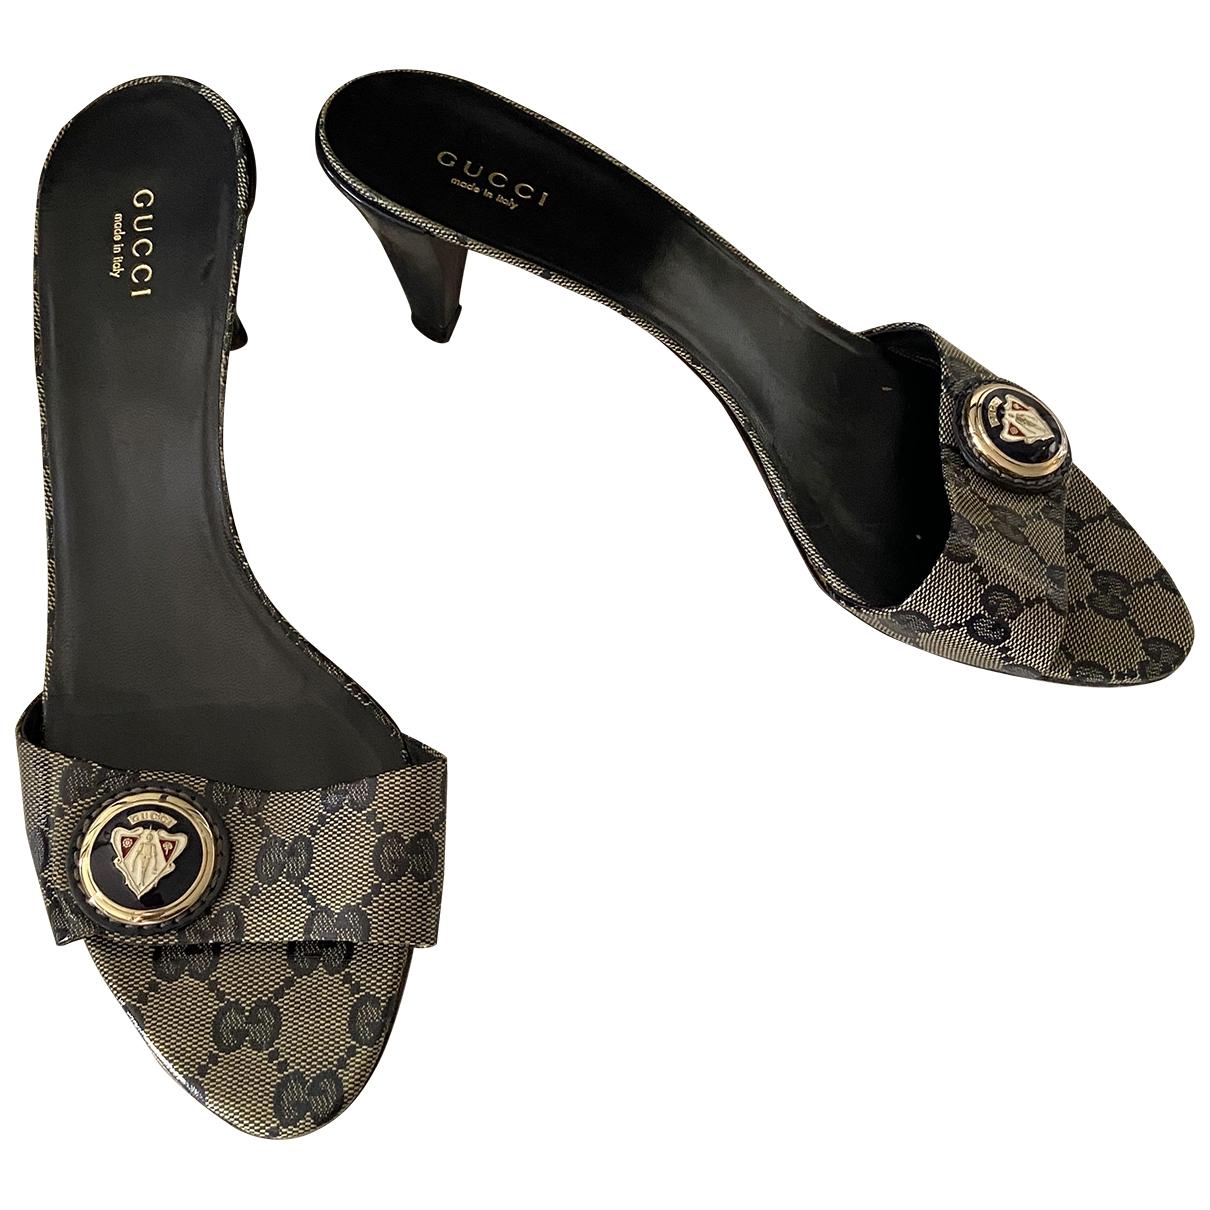 Zuecos de Charol Gucci